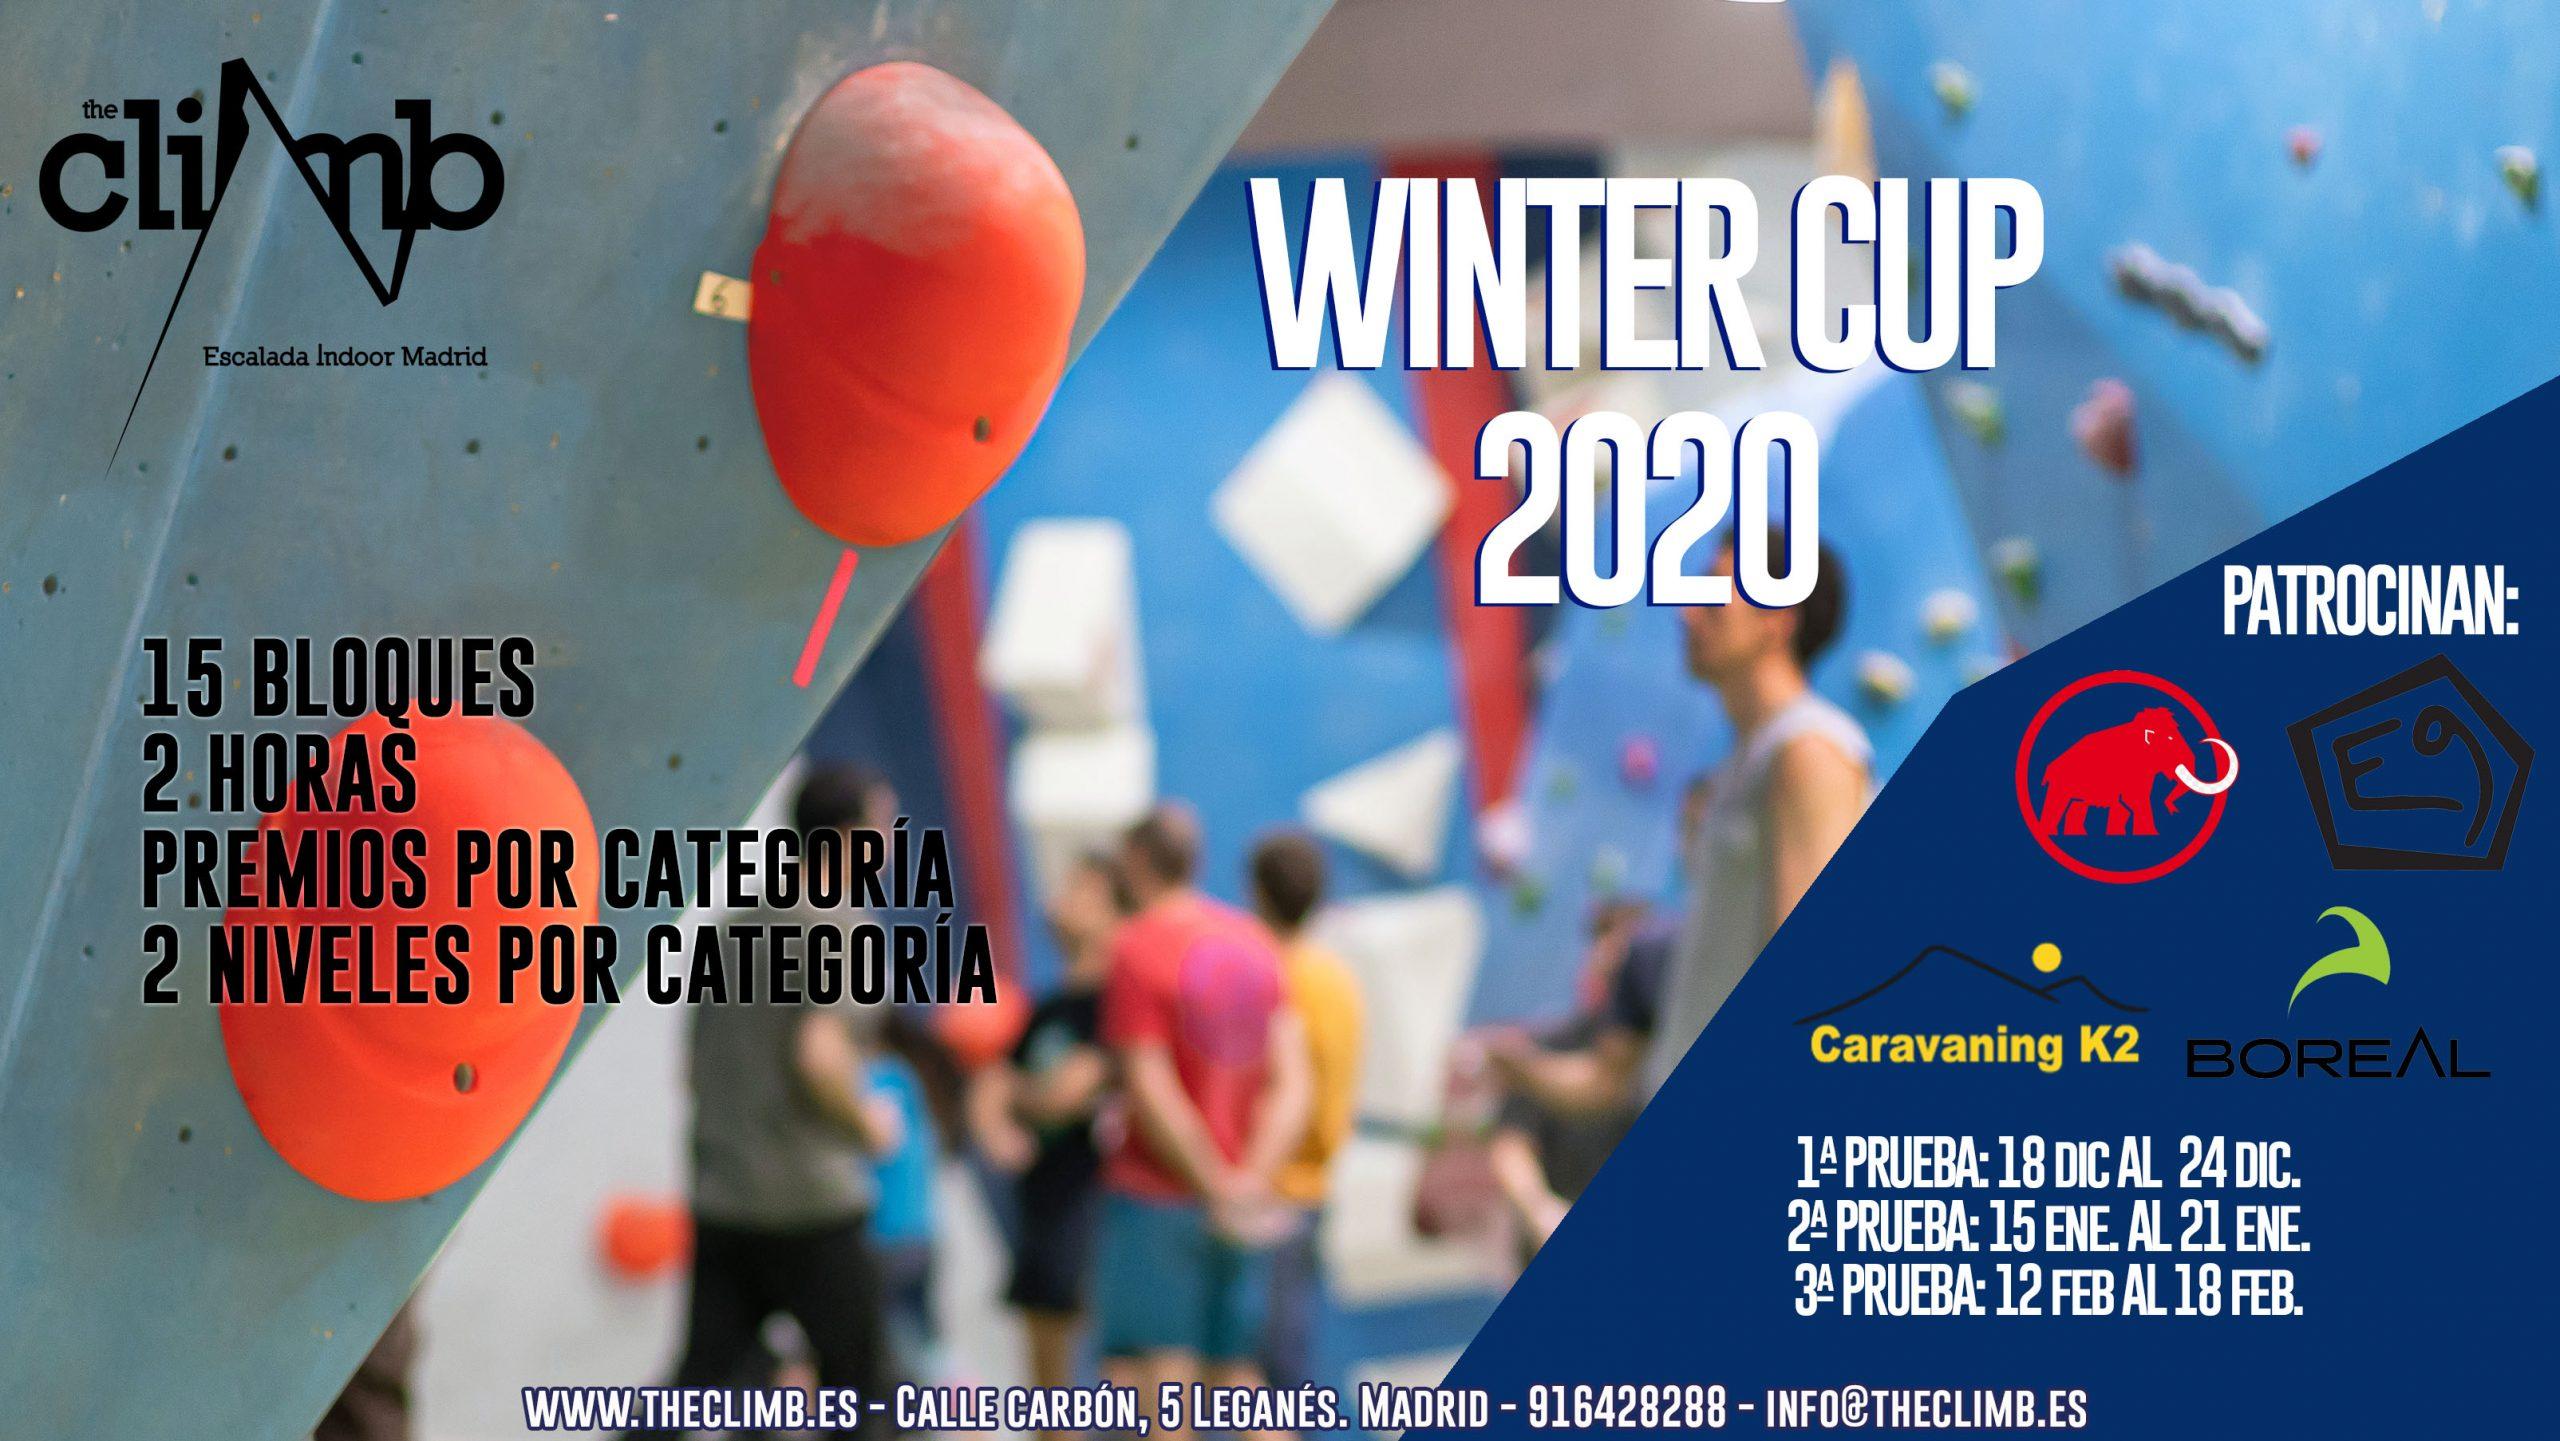 wintercup-20